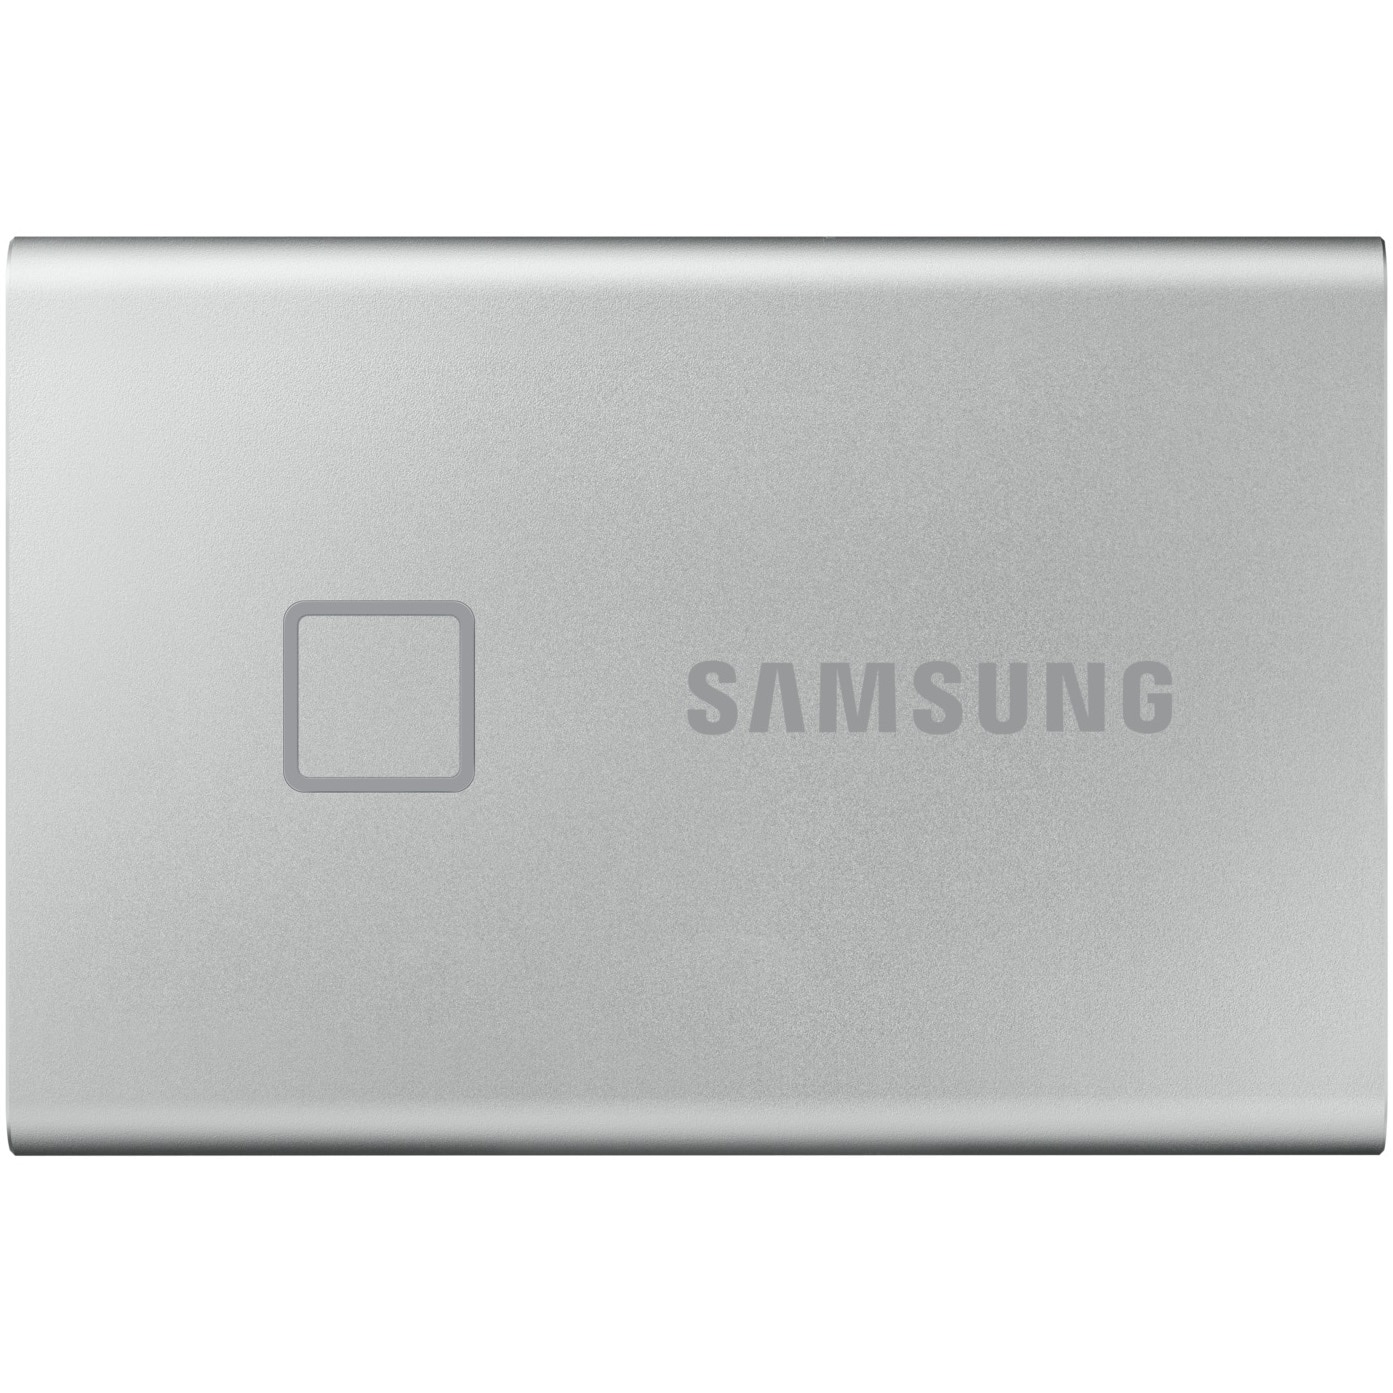 Fotografie SSD extern Samsung T7 Touch portabil, 1TB, USB 3.1, Argintiu